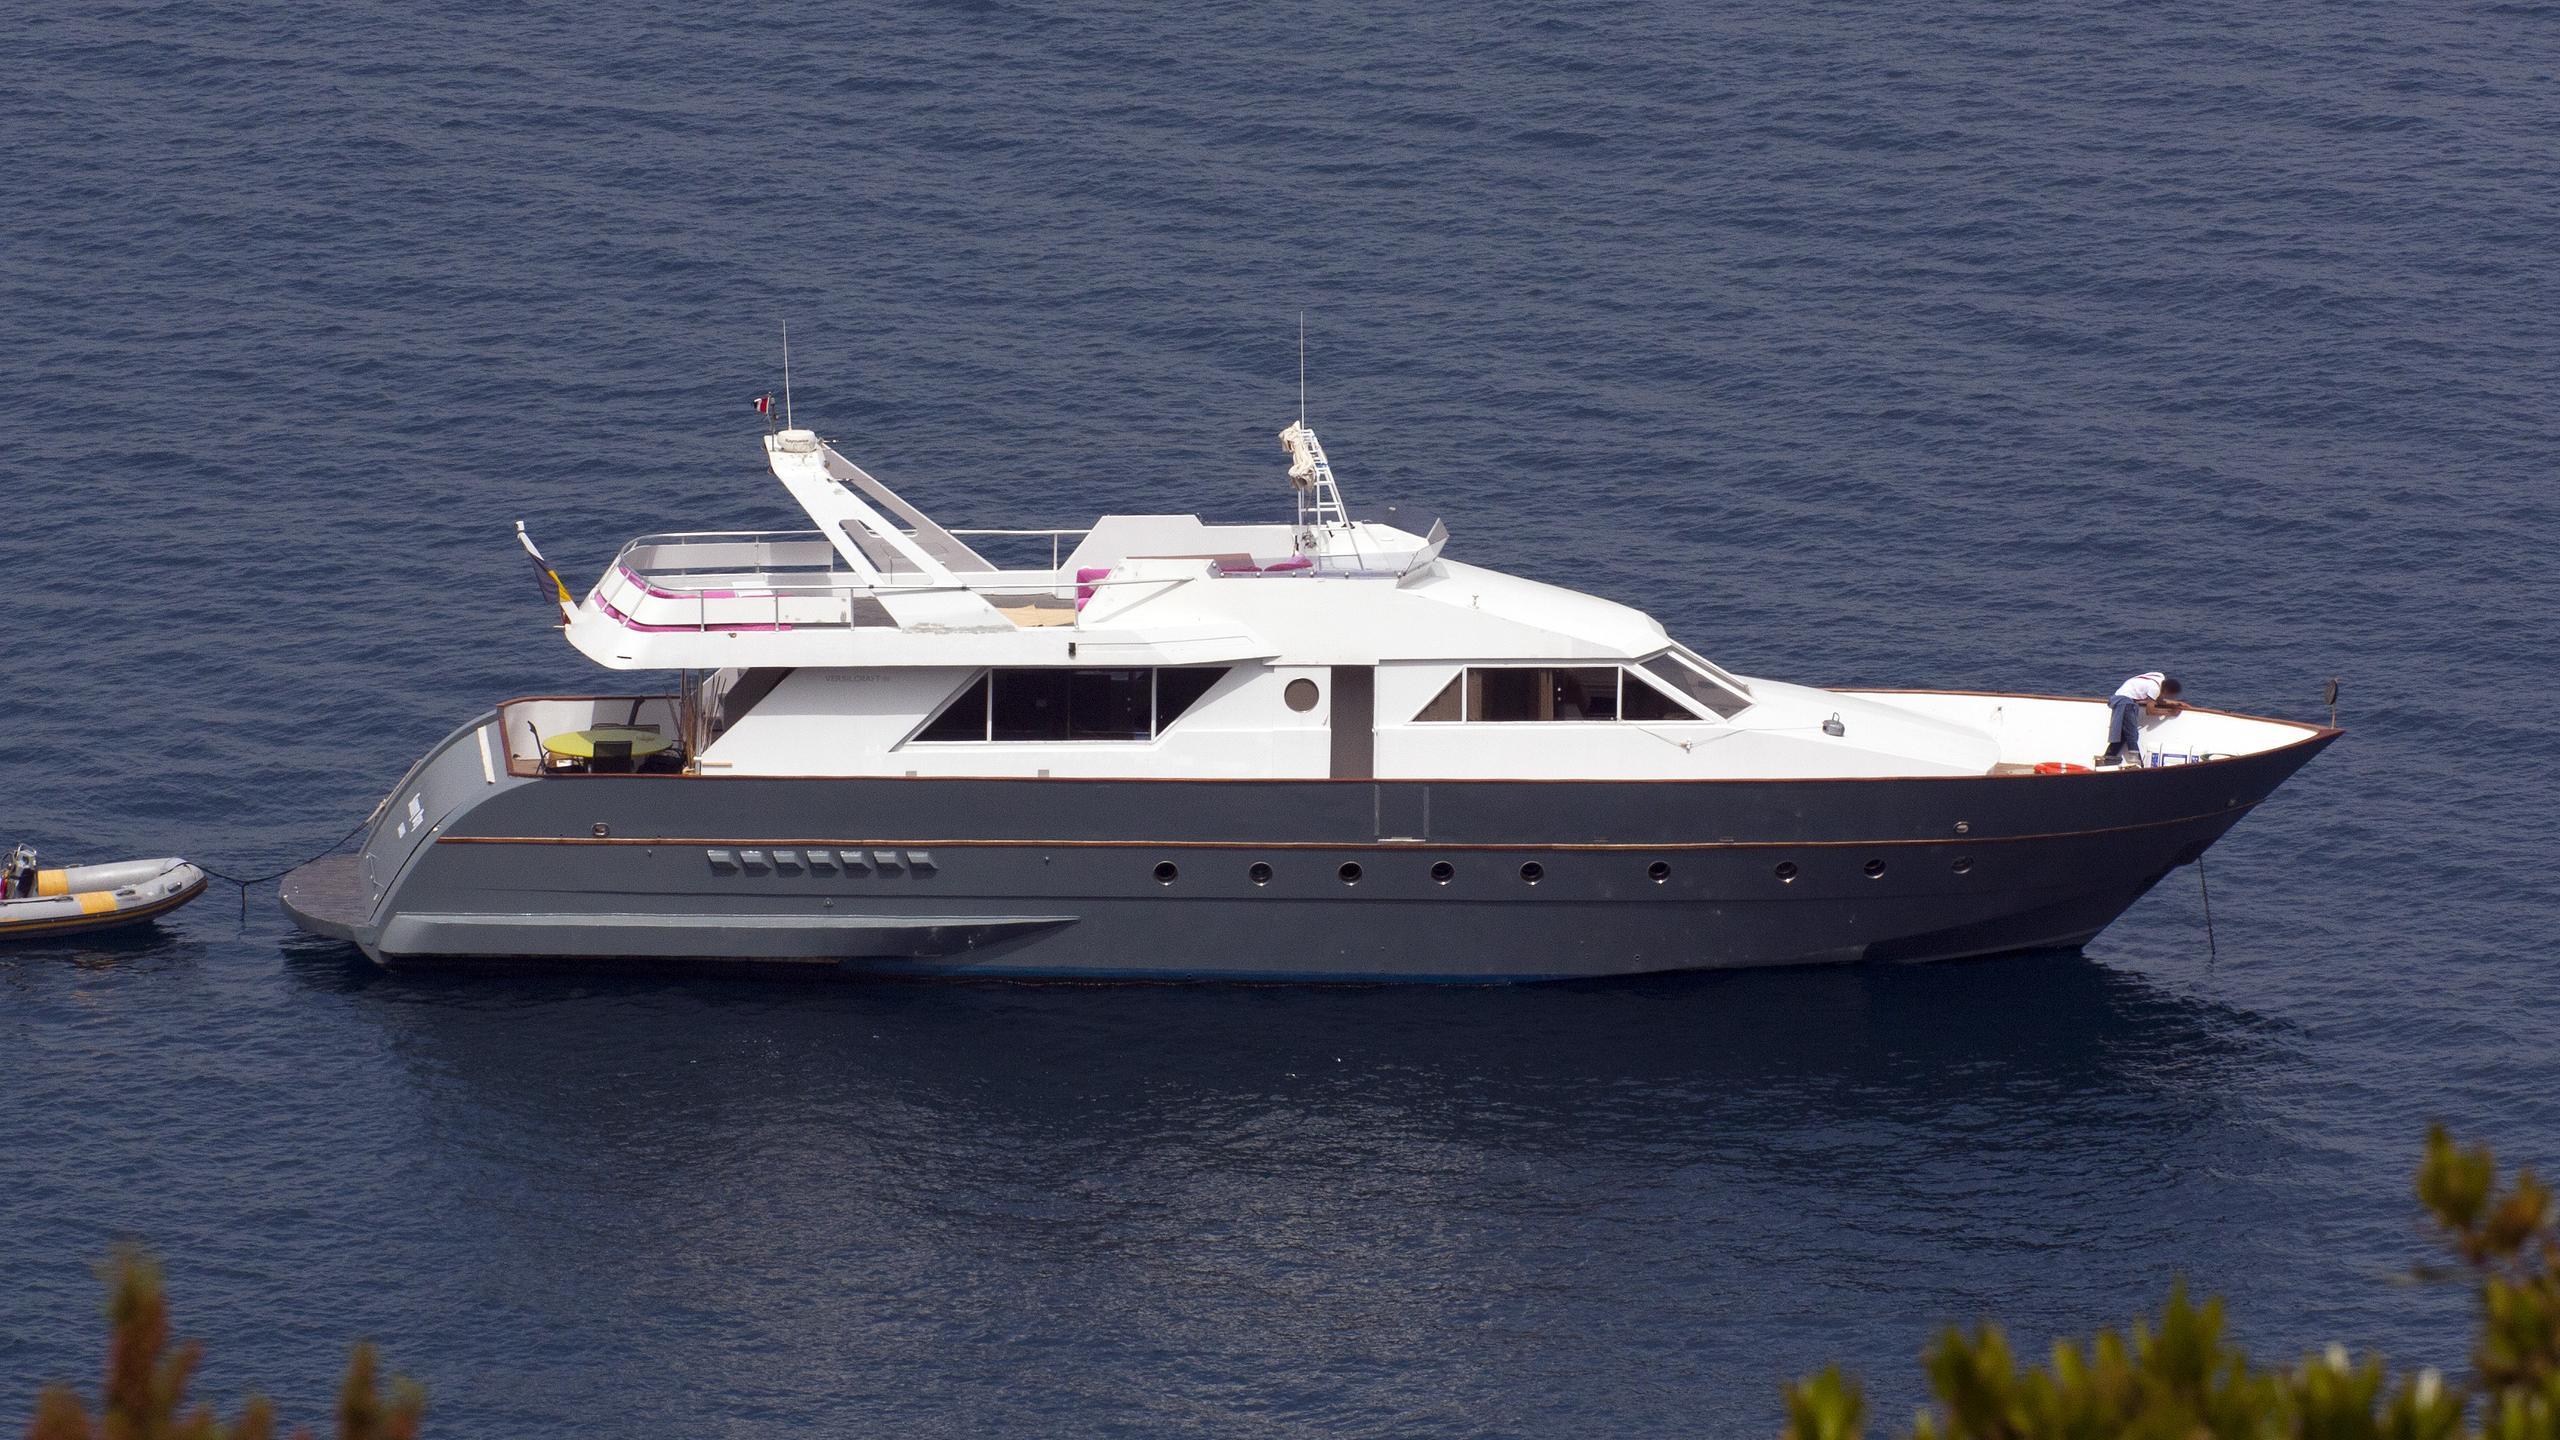 sunny day motoryacht versilcraft 1977 25m profile